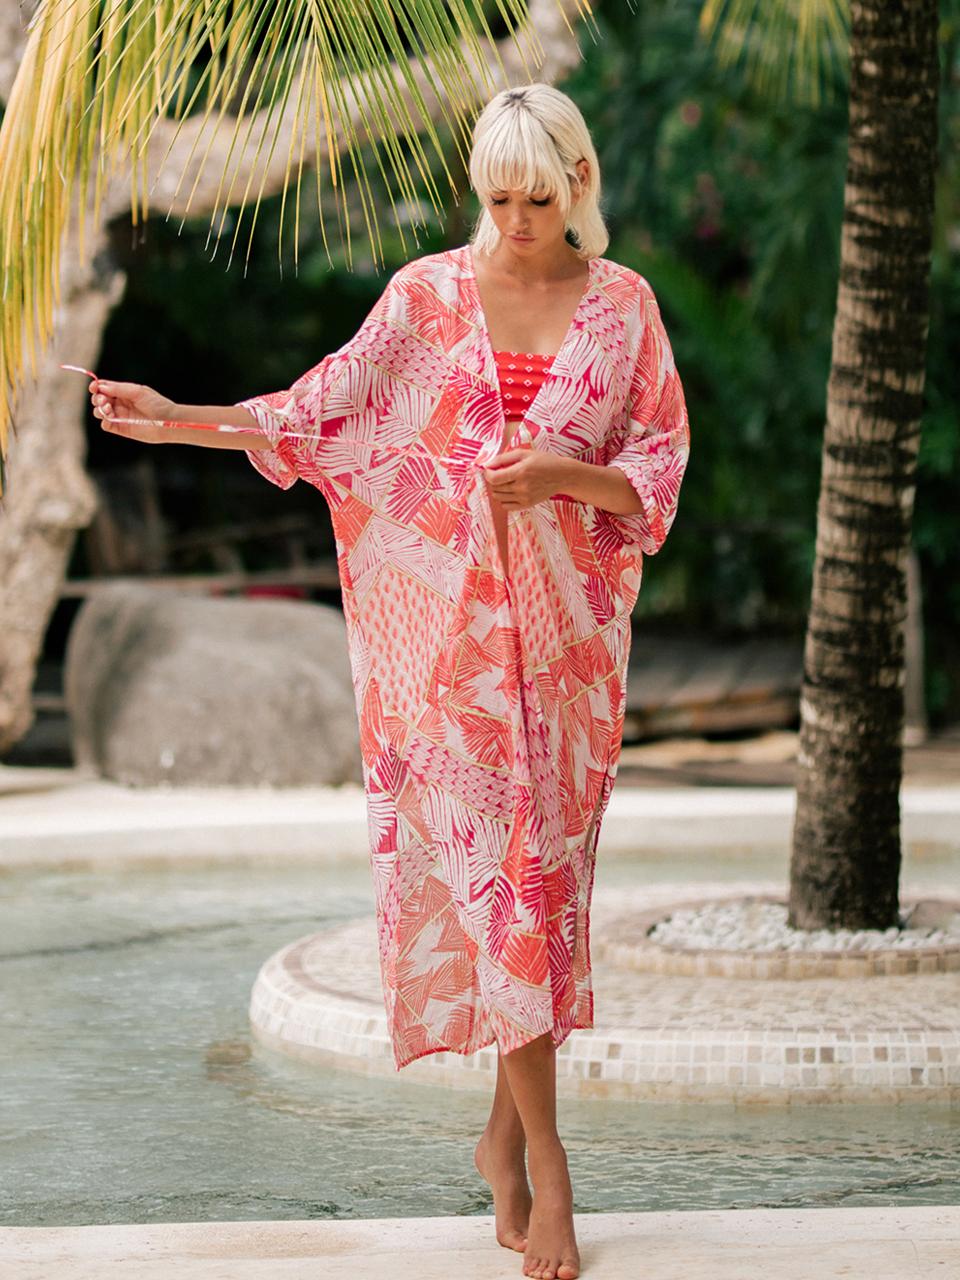 [30%]CORAL PALM ROBEswimwear,수영복,비키니,데이즈데이즈,dazedayz,디자이너수영복,스윔웨어